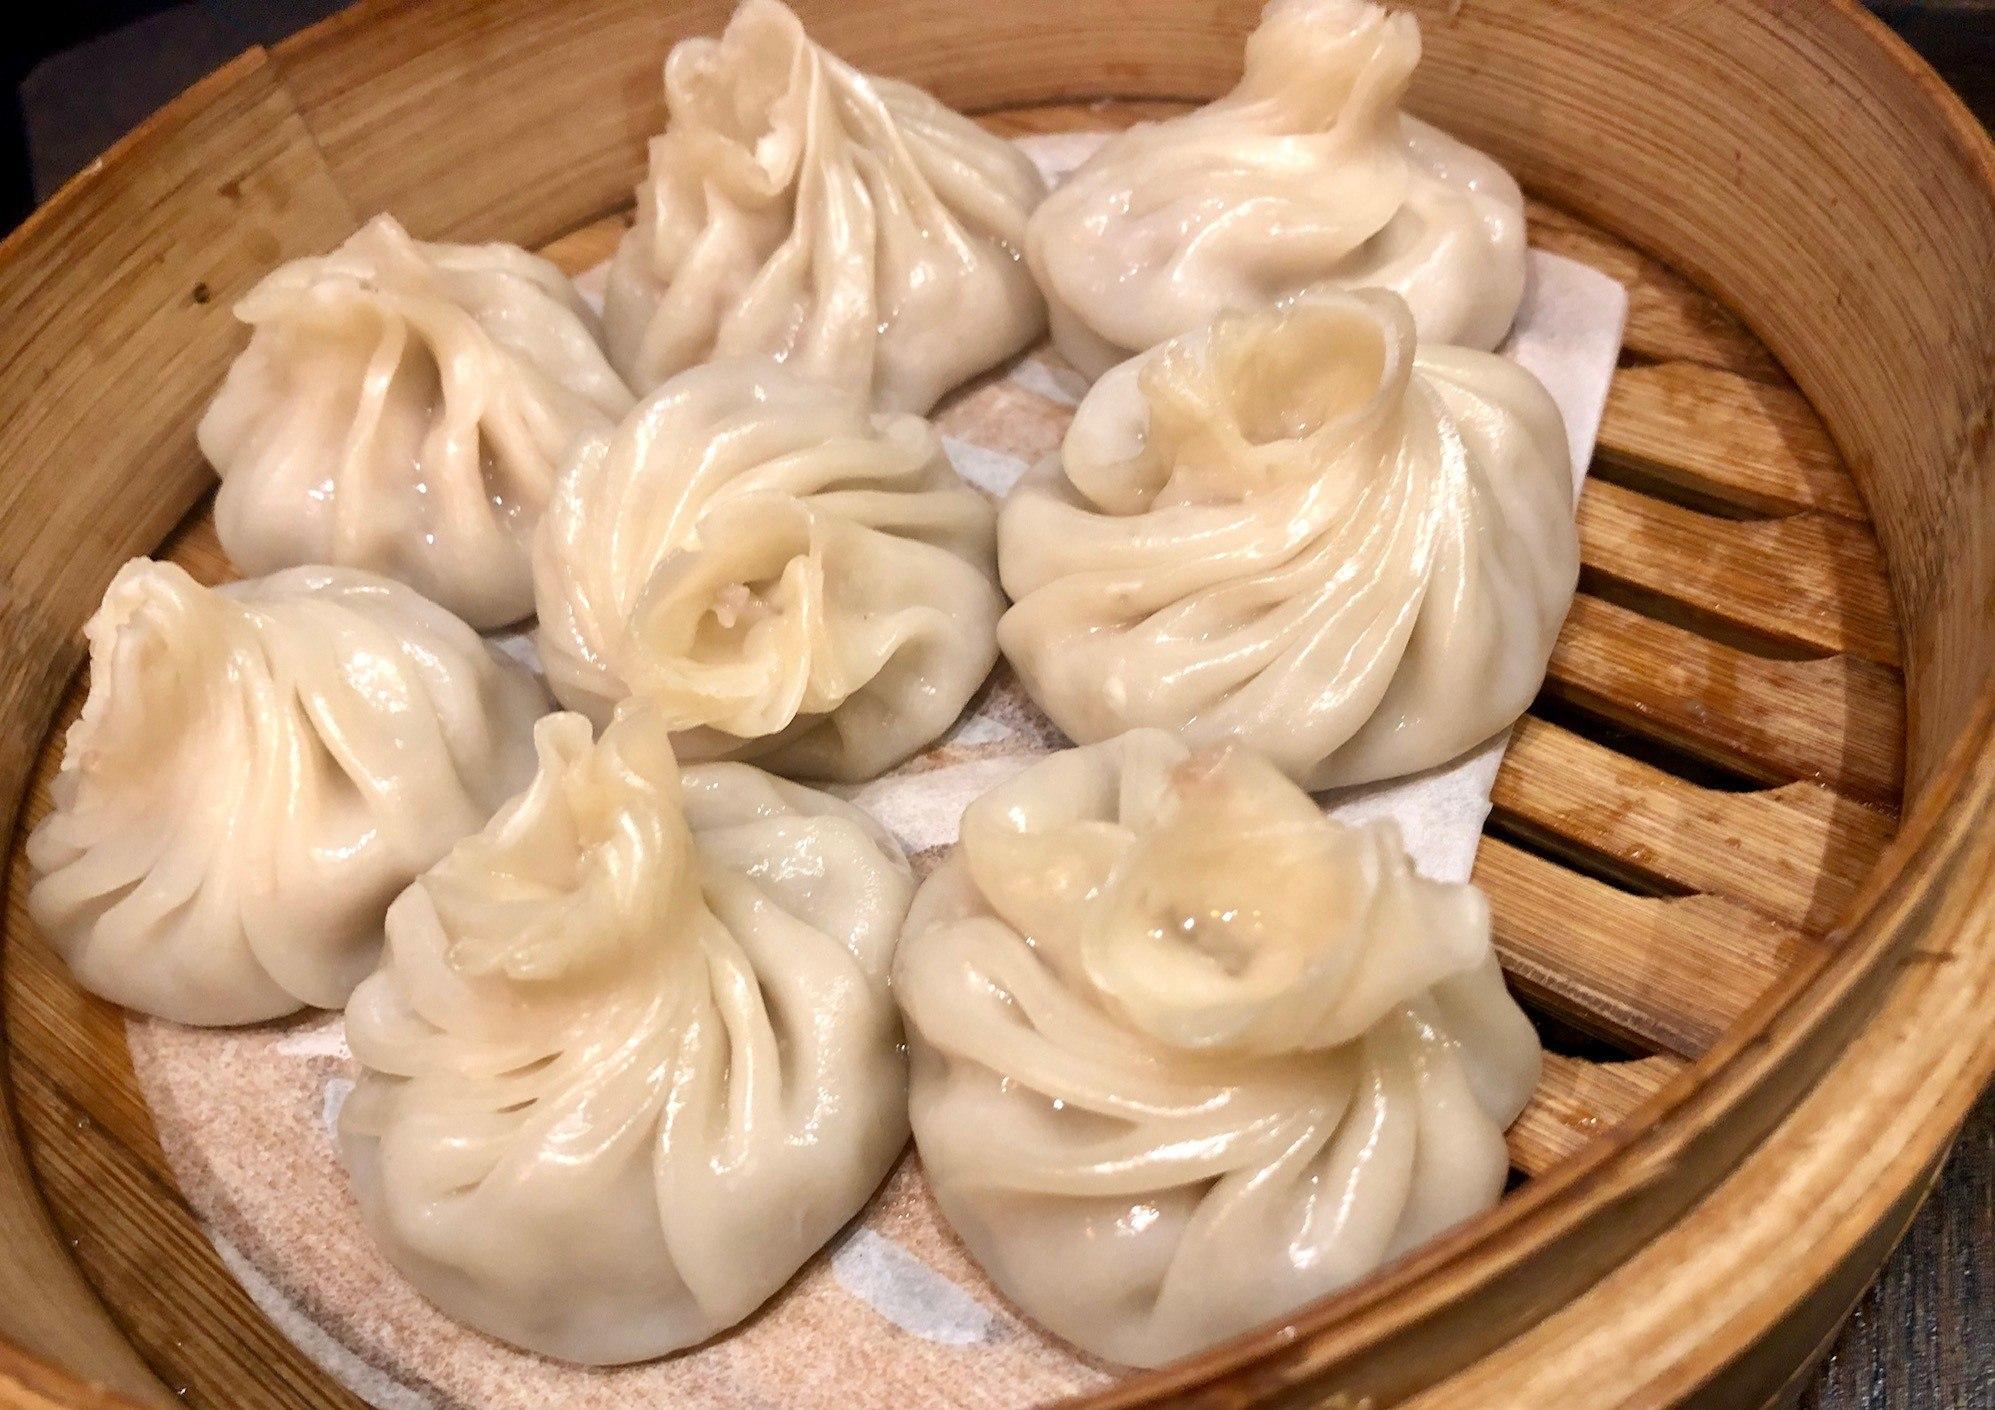 Delicious Dumplings At Fat Dumpling Bowen Hills